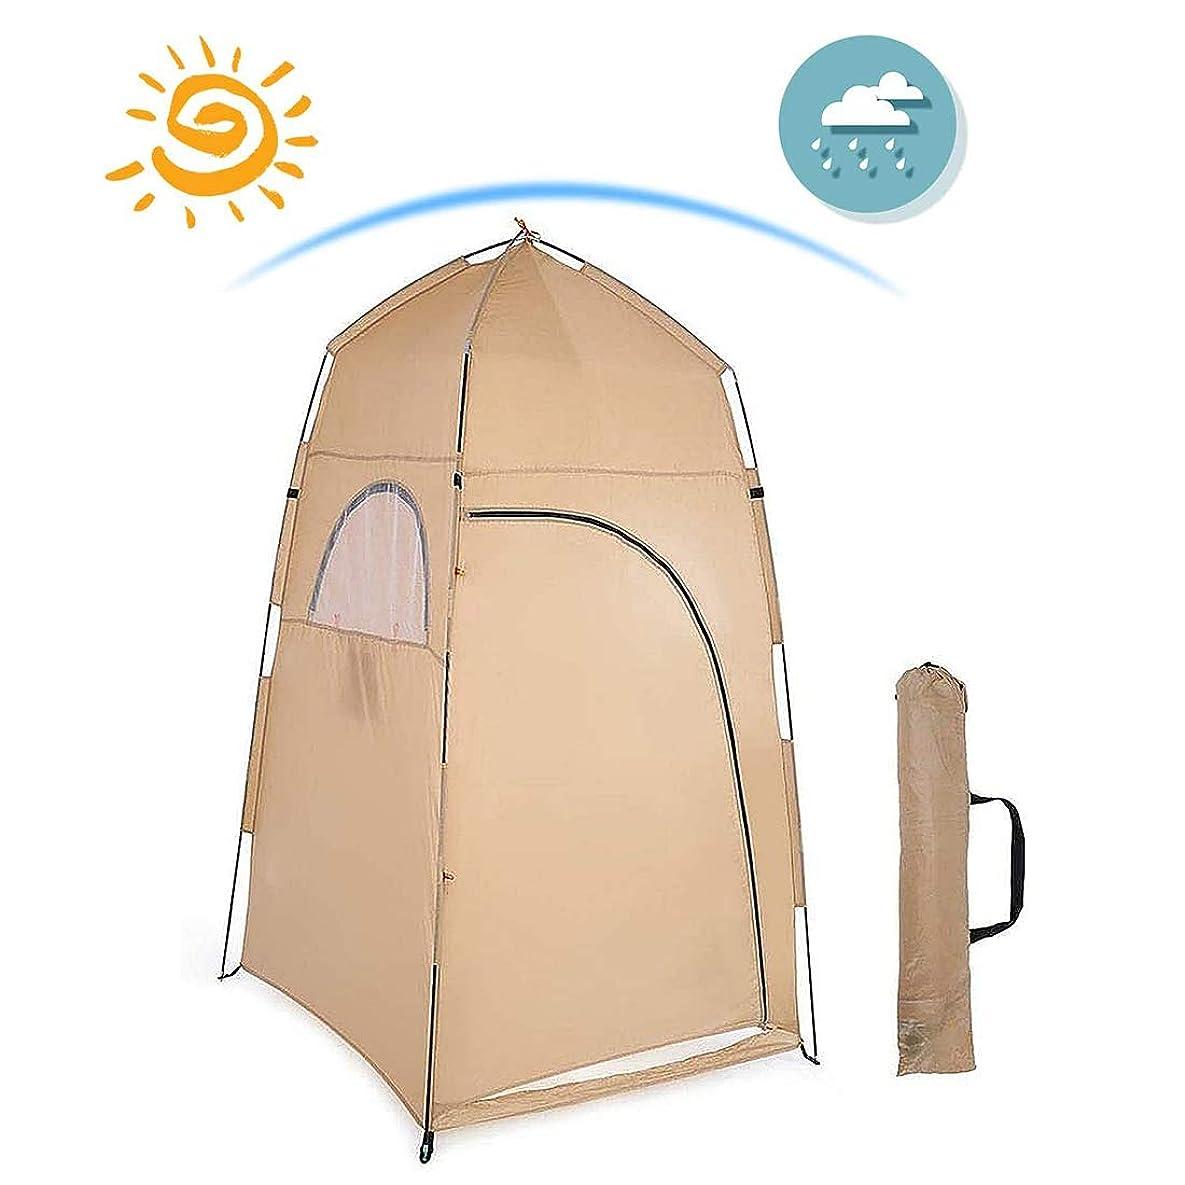 収まるヘア悔い改めるキャンプテント更衣室スローテント屋外シャワーテント釣りテント、屋外シェルターキャンプシャワー入浴テントビーチテントトイレテントモバイルトイレテント120 * 120 * 210 cm